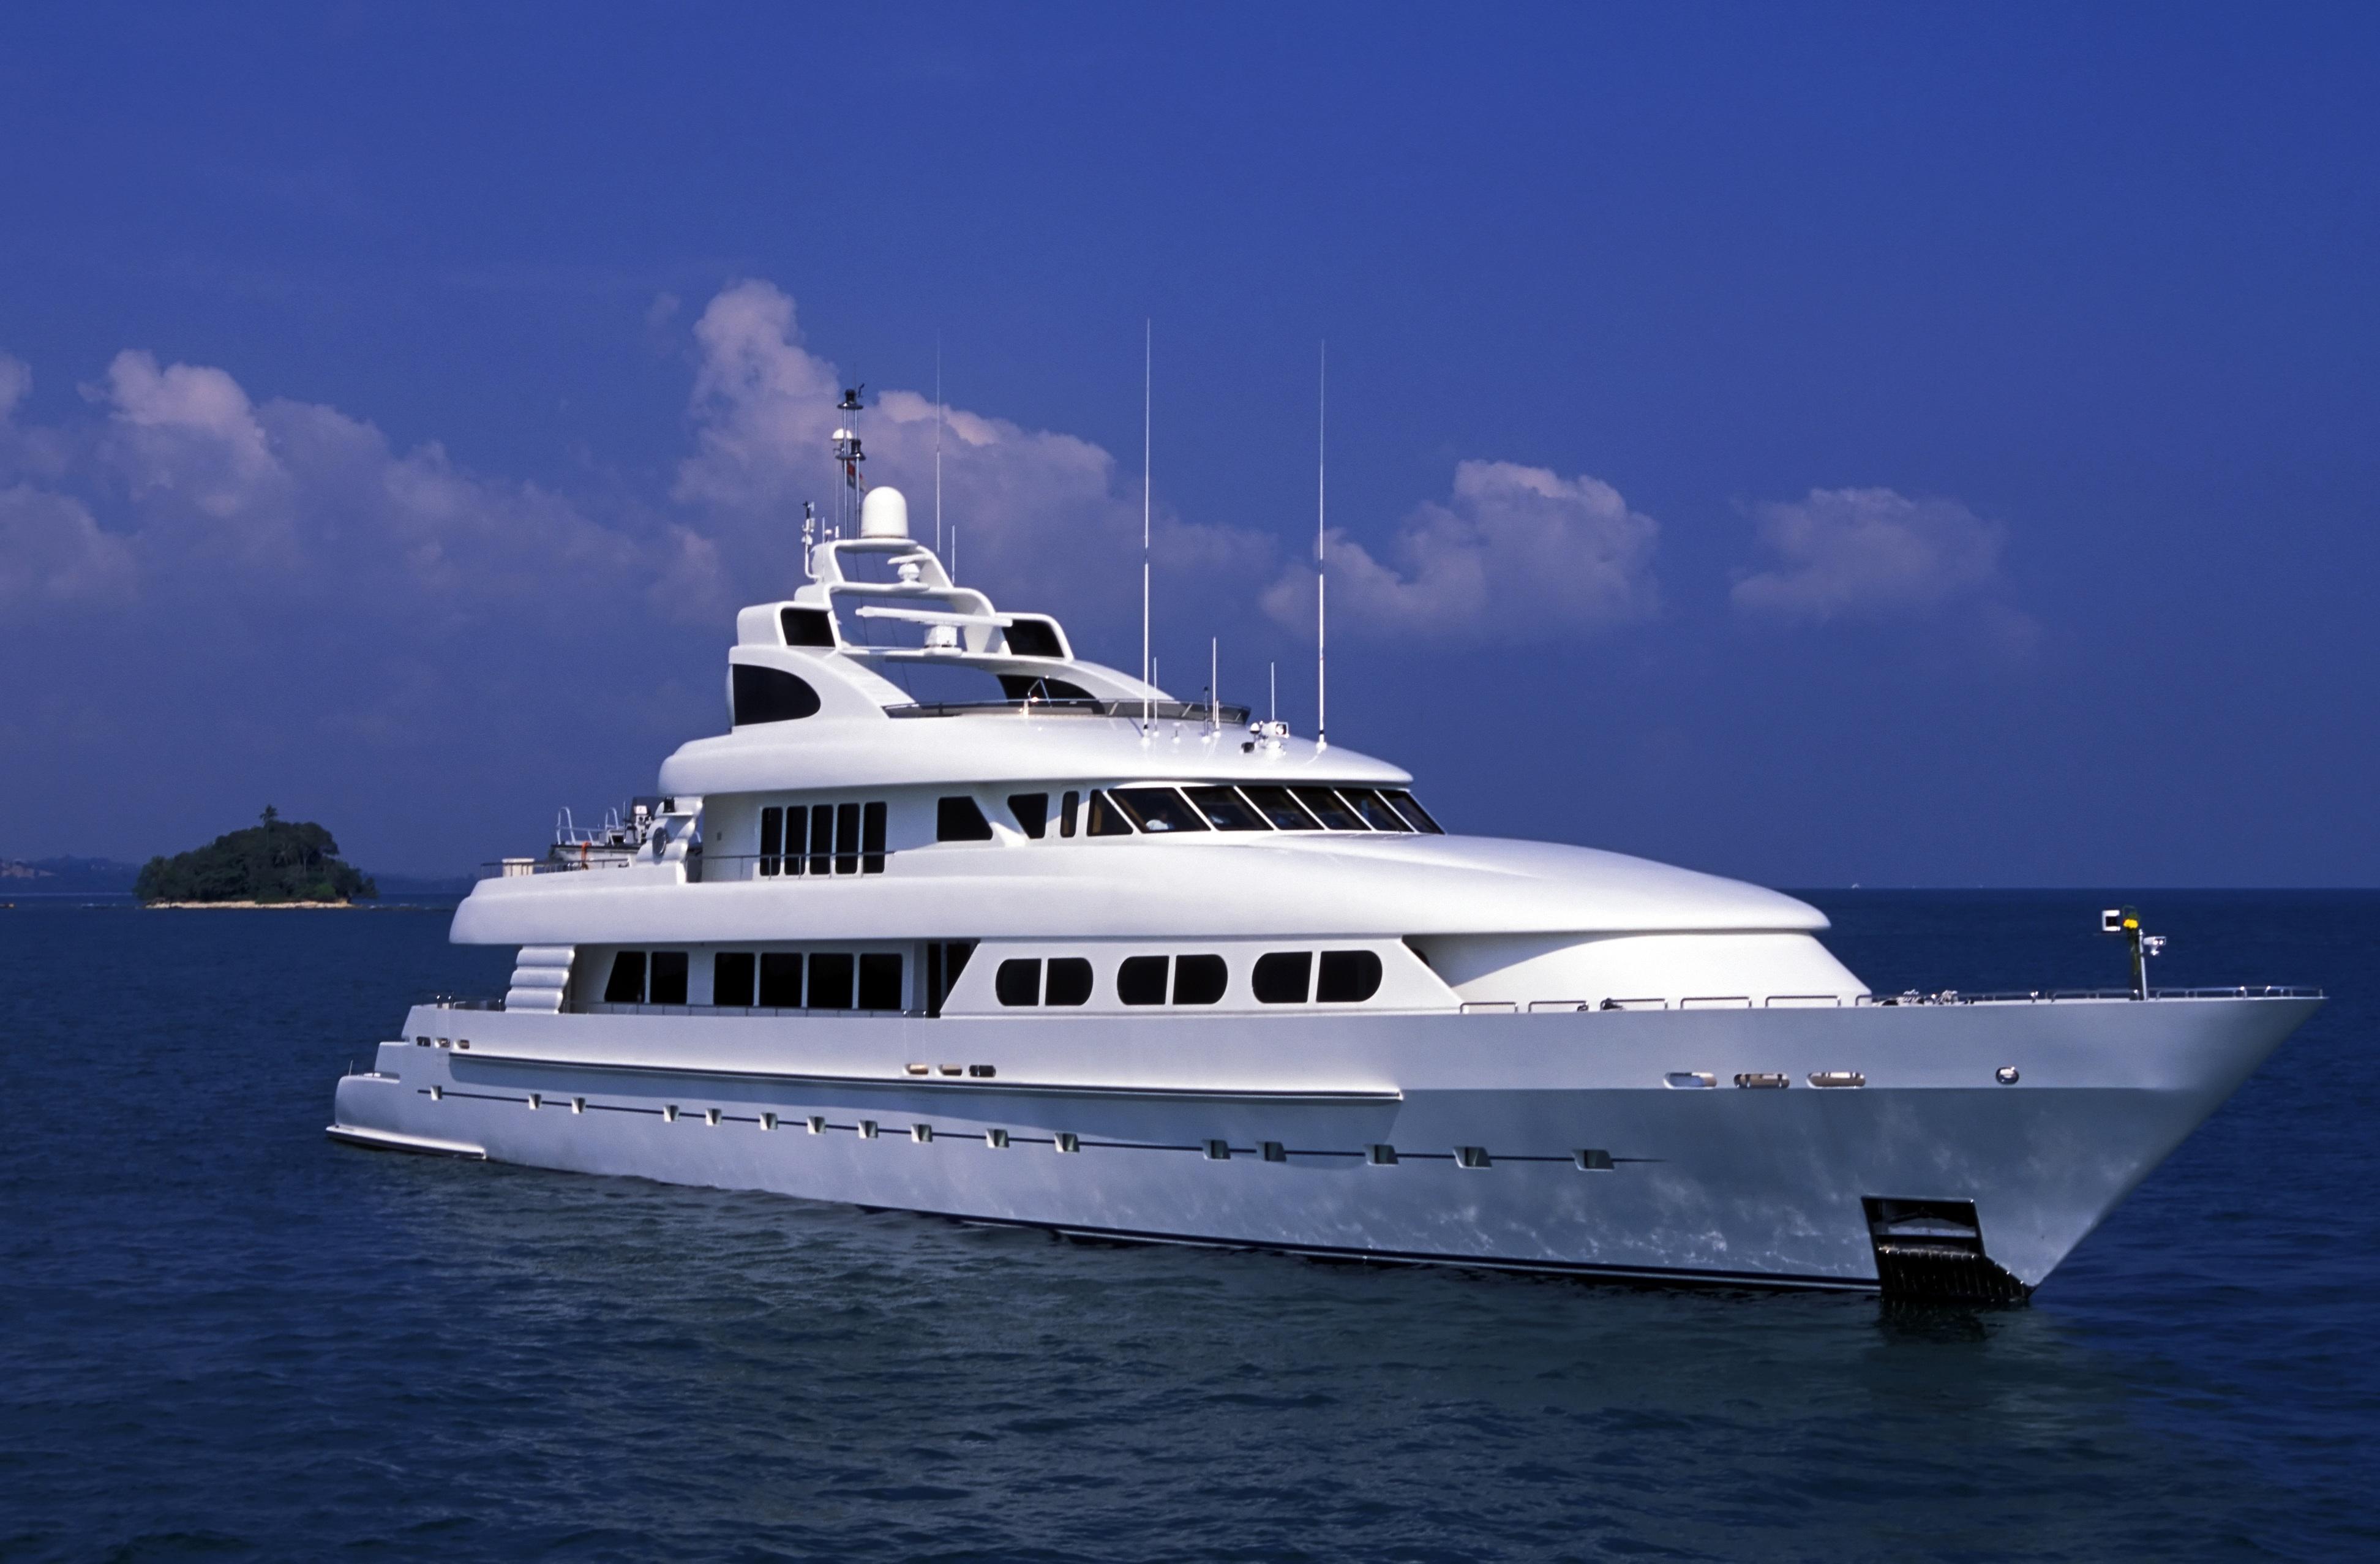 The Perks of Being Crew - Waves « Jordan Yacht Brokerage